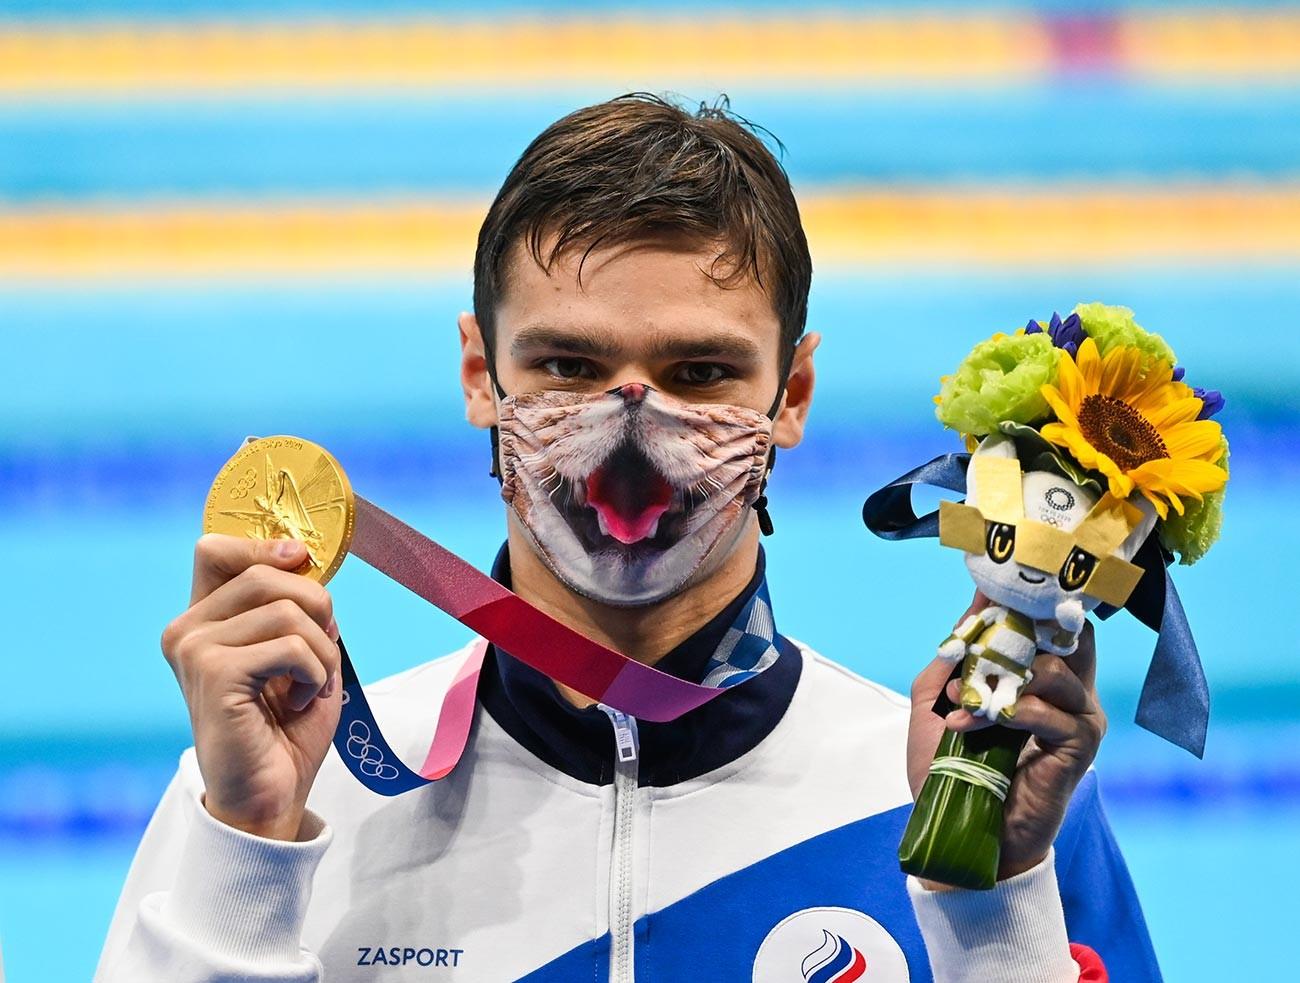 Evgeny Rylov berpose dengan medali emas nomor renang gaya punggung 200 meter putra Olimpiade Tokyo 2020.